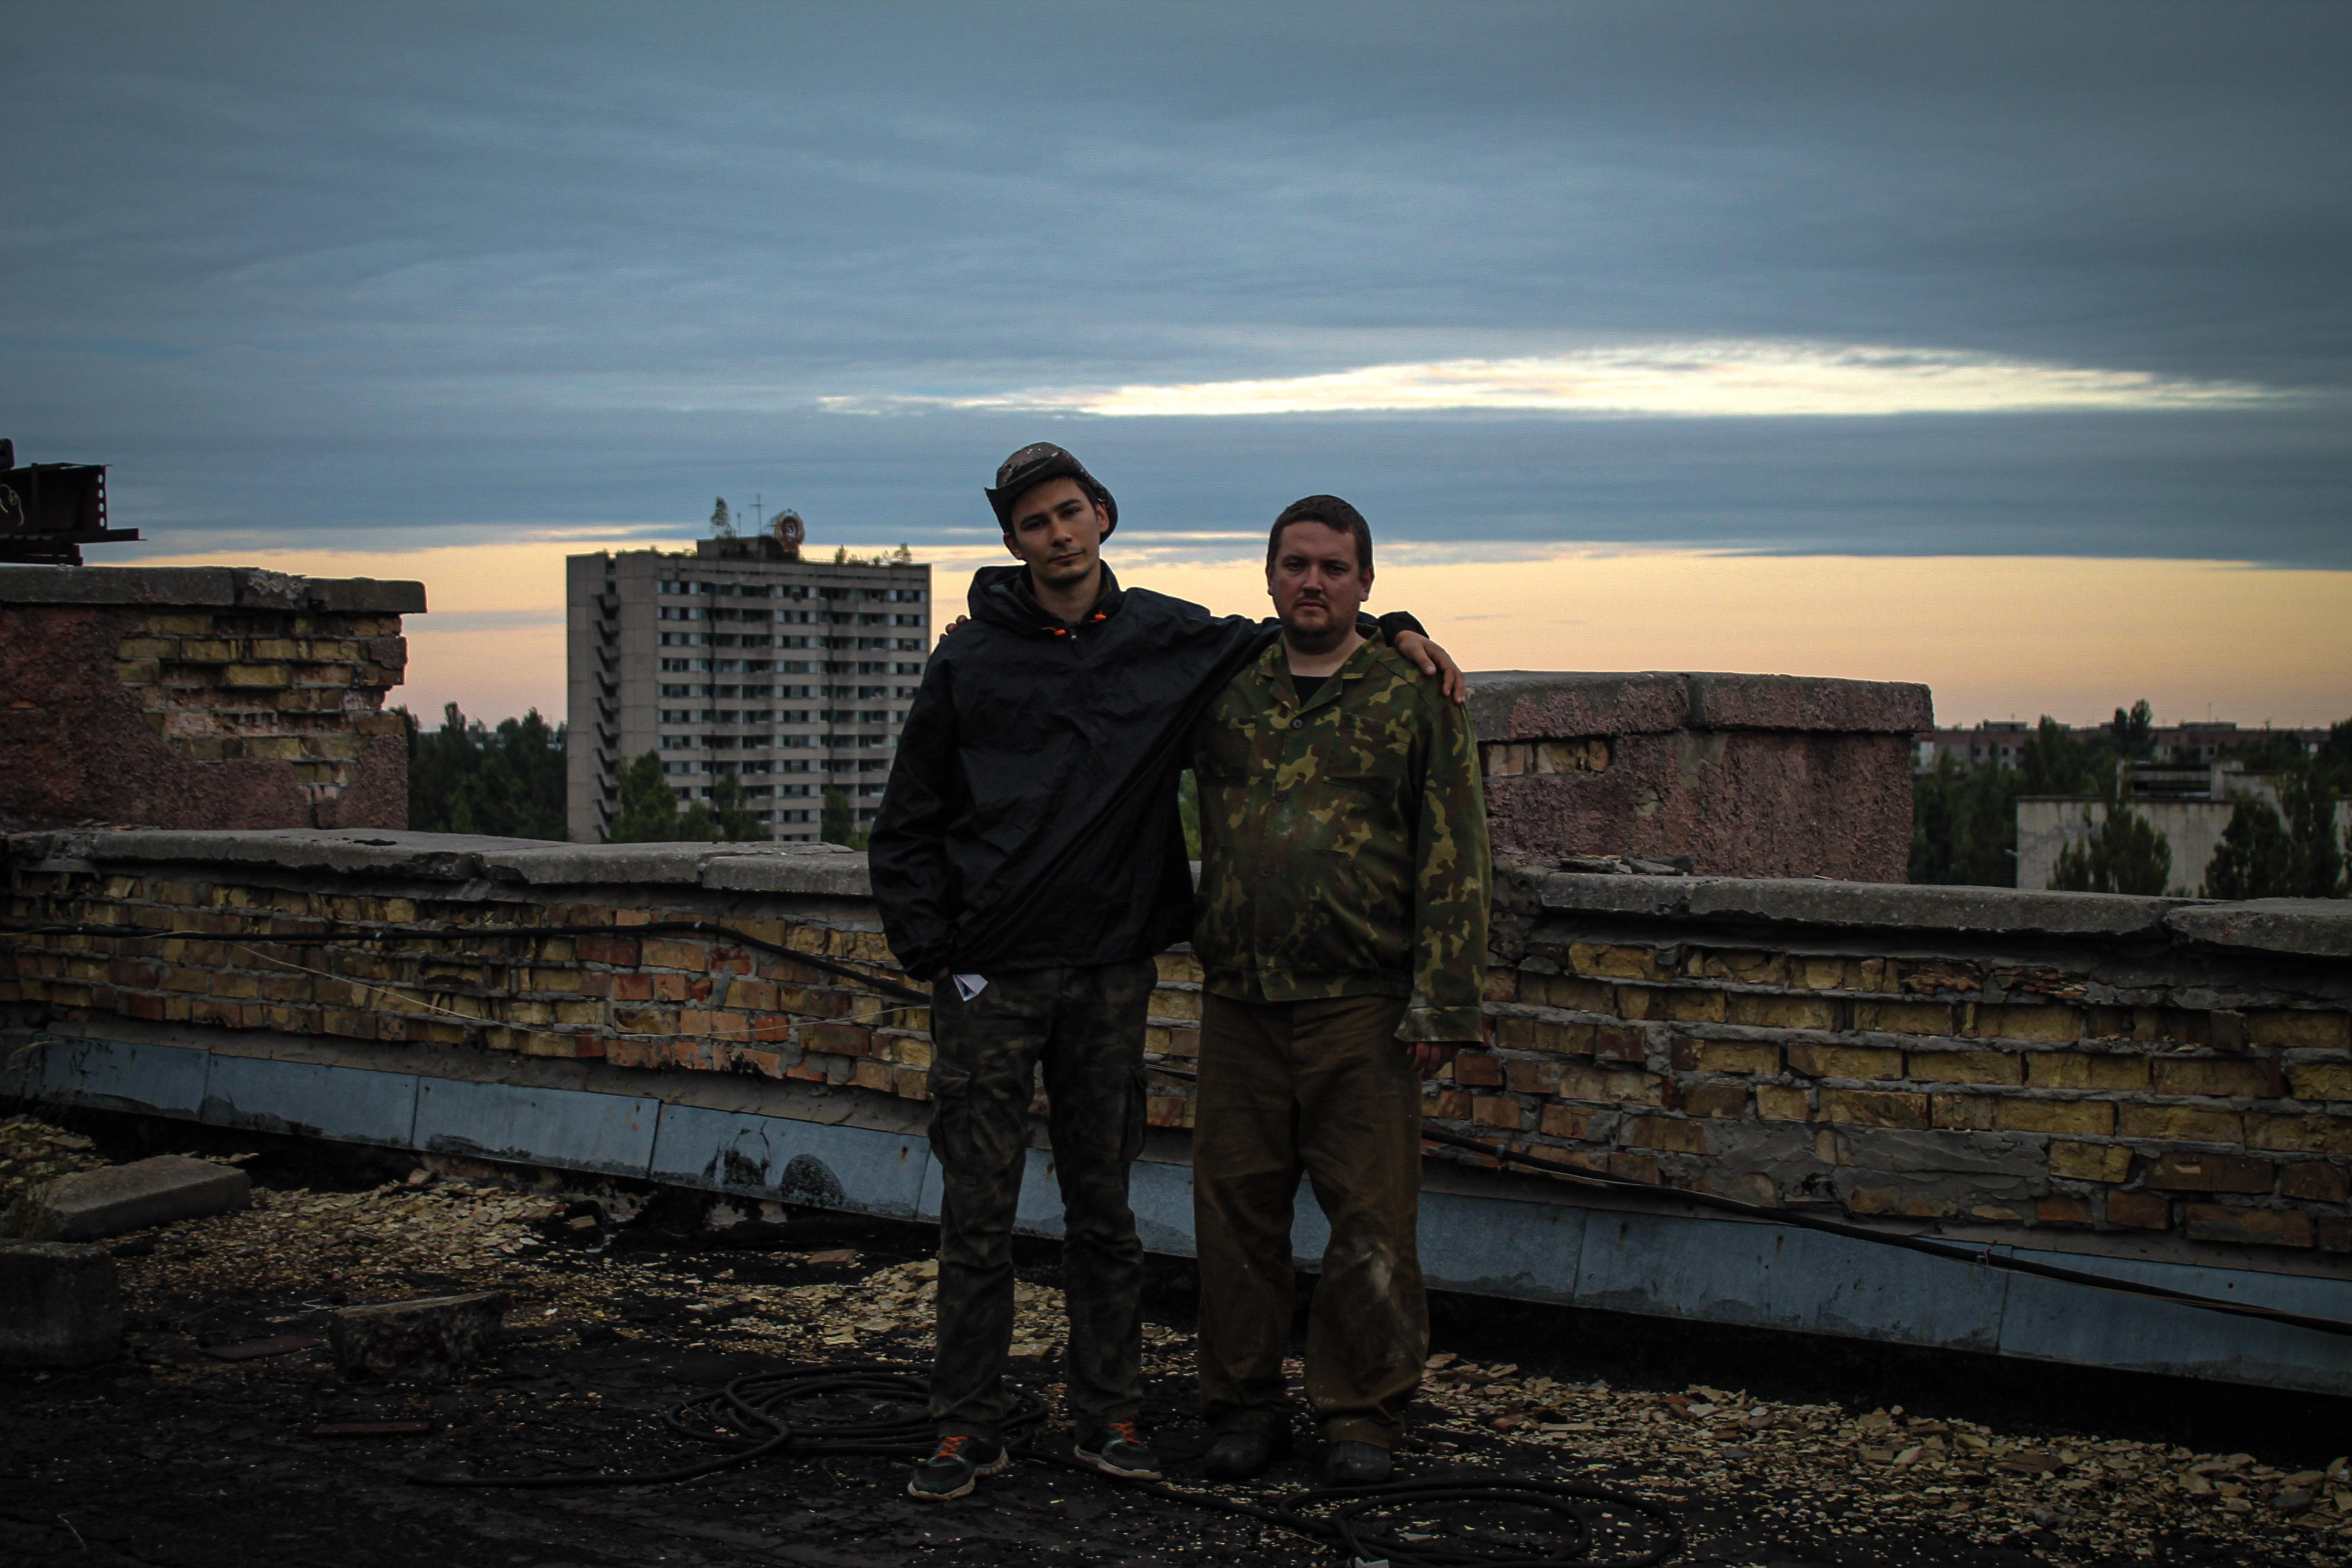 Нелегальный поход в Зону отчуждения: размышления на крыше как кульминация похода